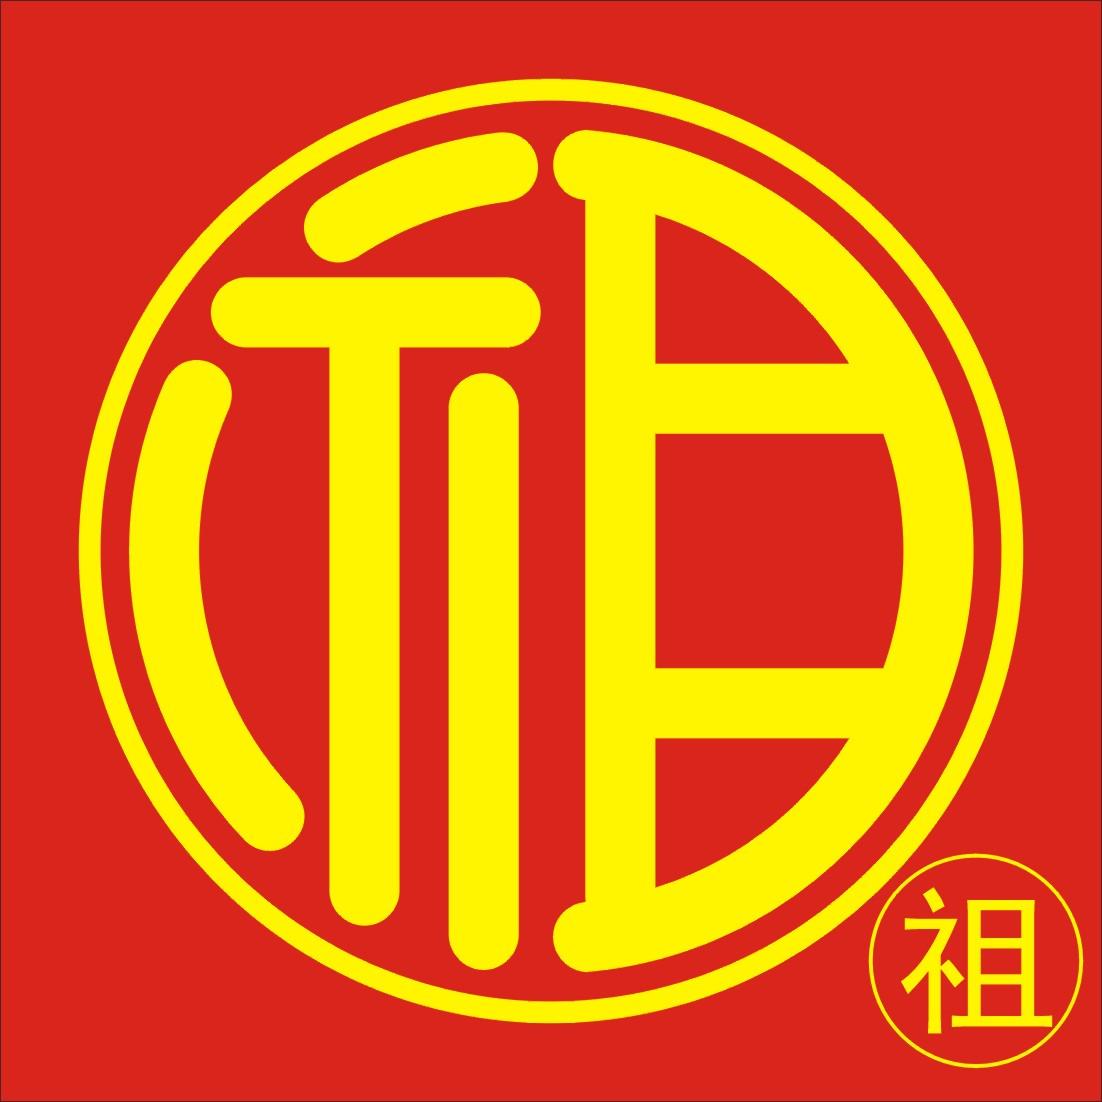 字体古风logo素材   圆